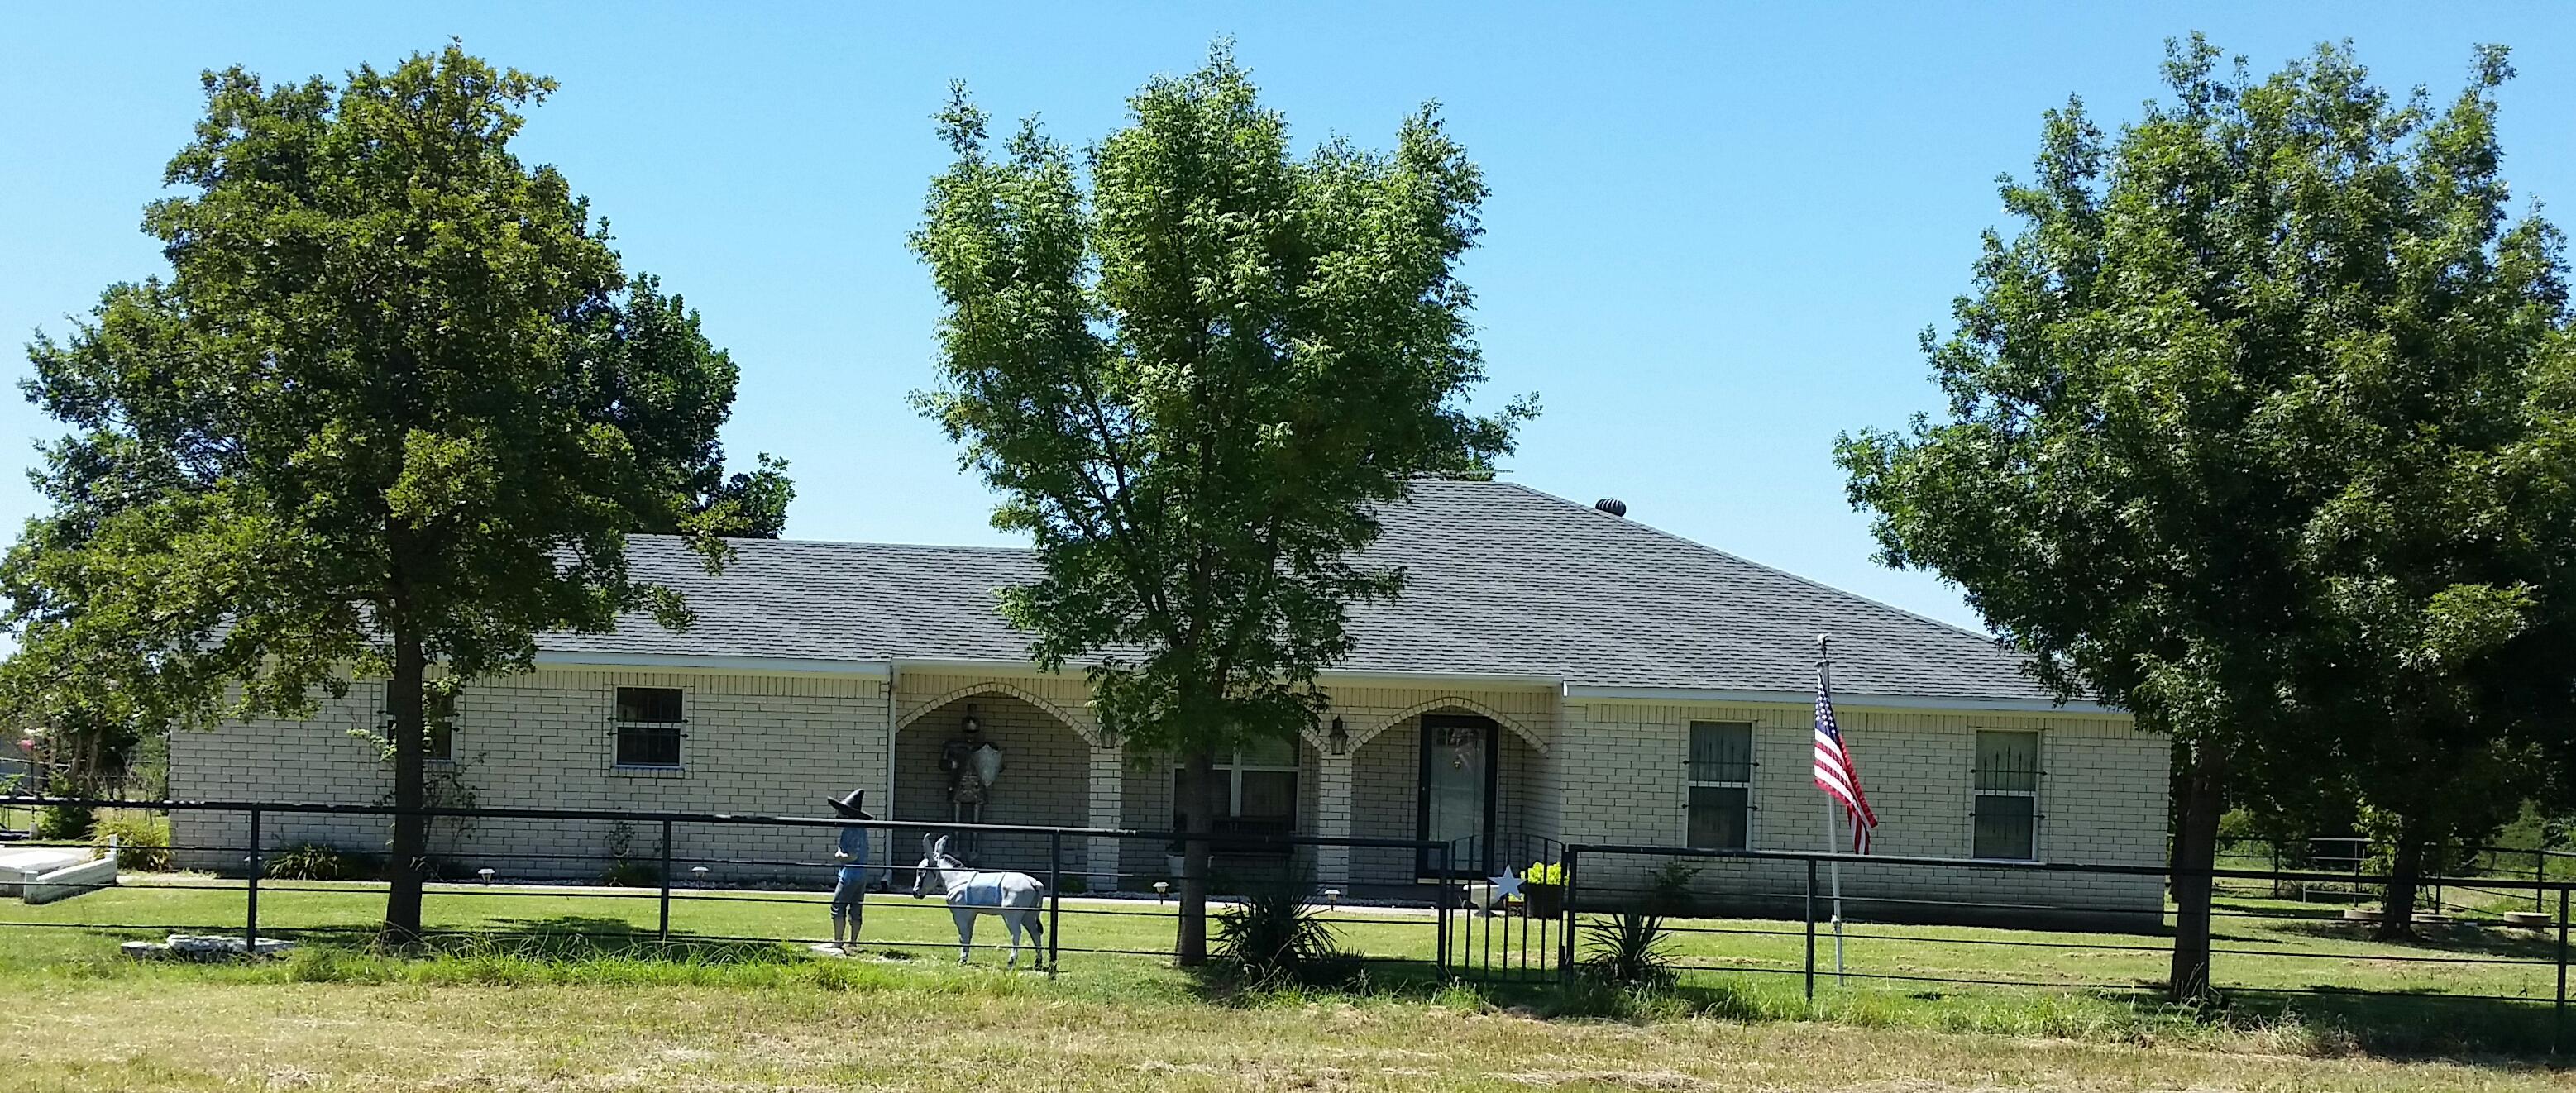 10077 W. Hwy 82, Savoy, Texas 75479